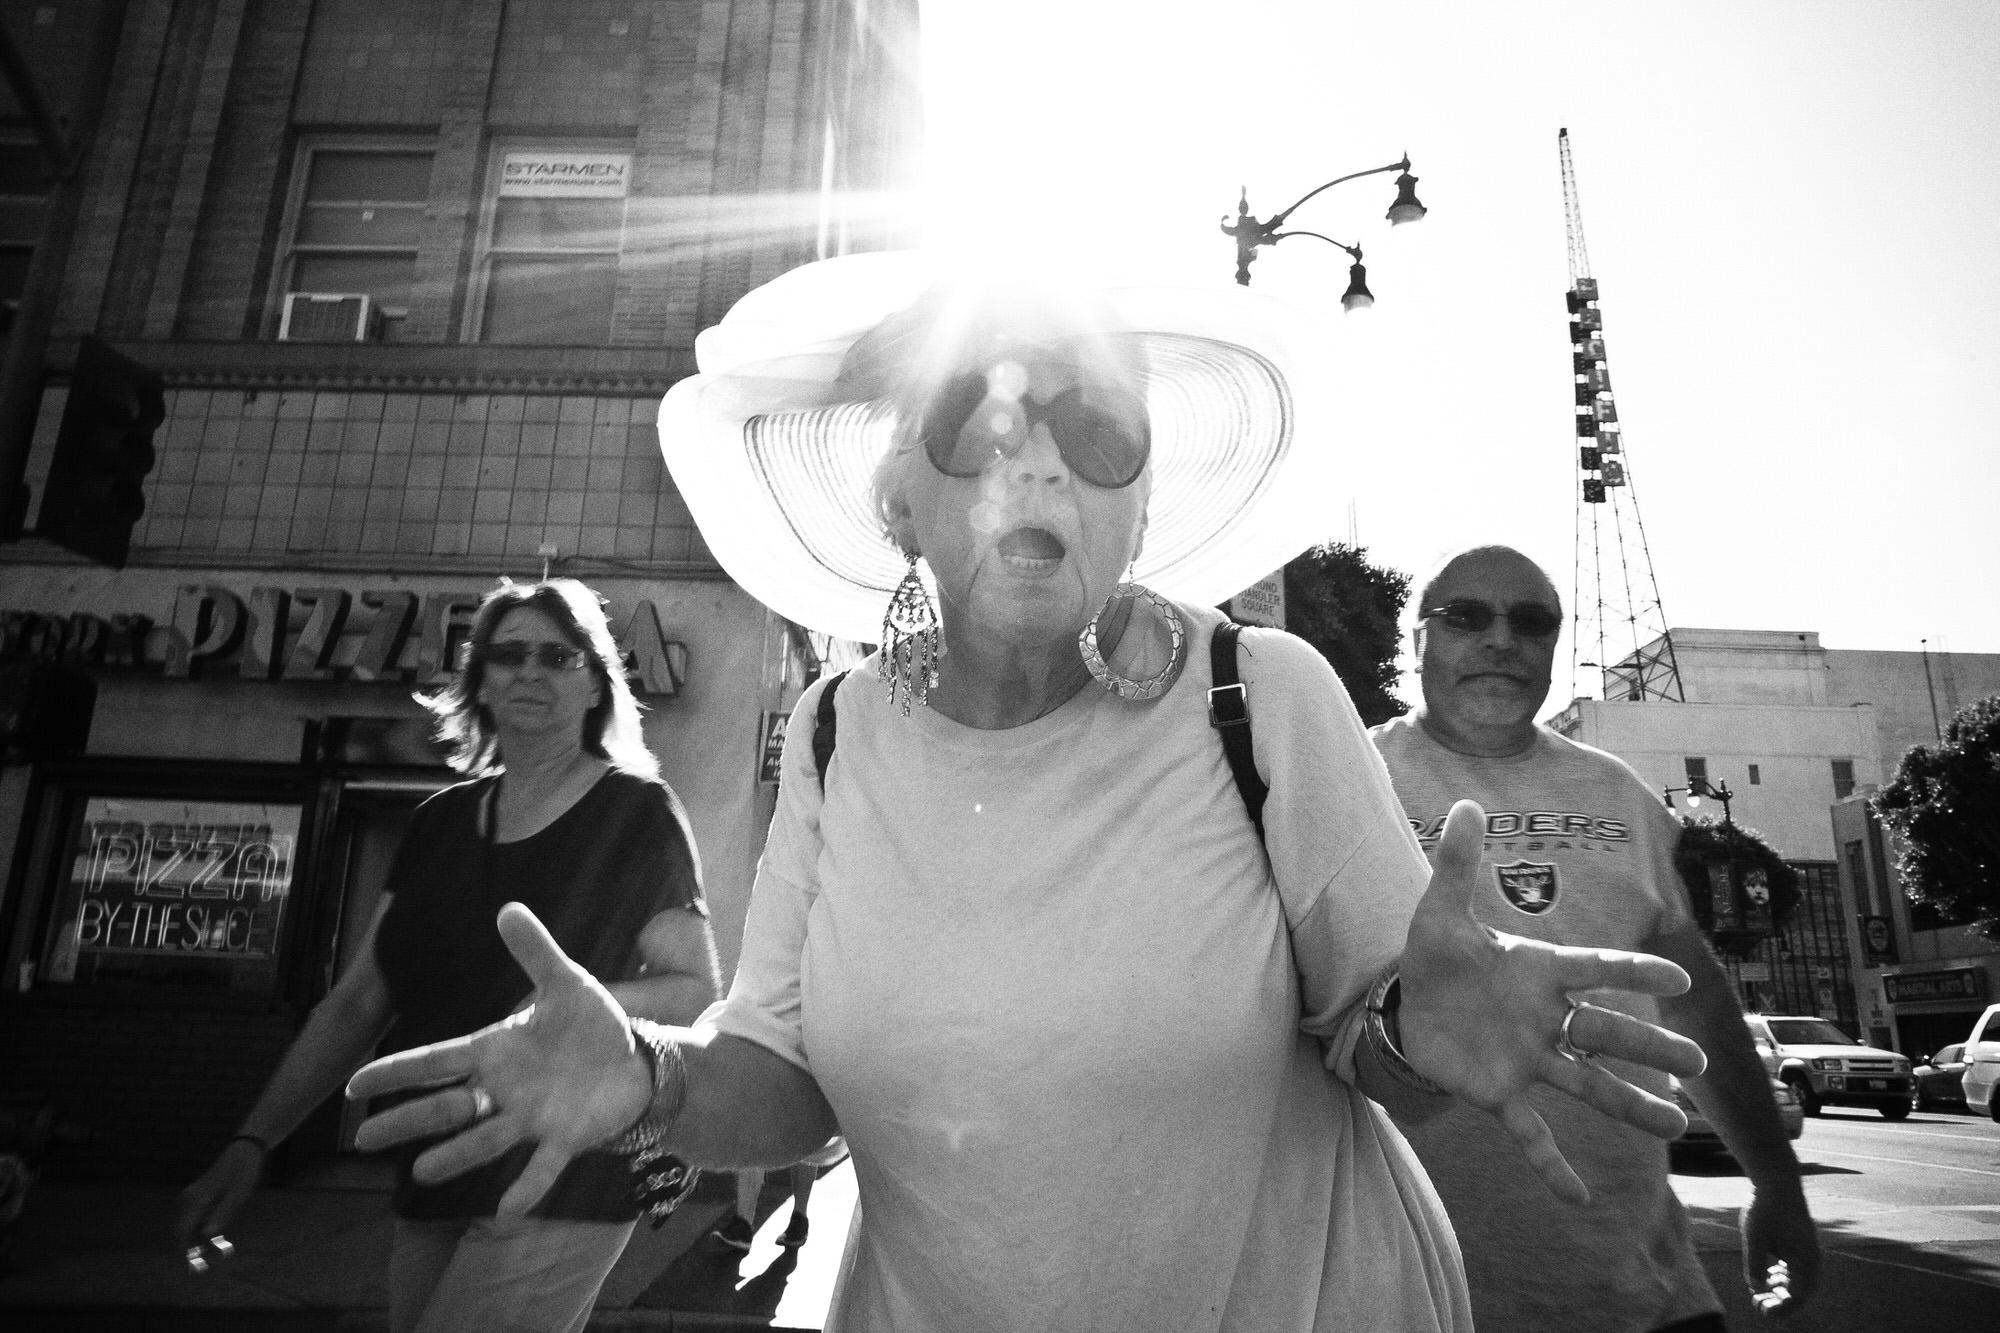 eric kim black and white street photography portfolio00001